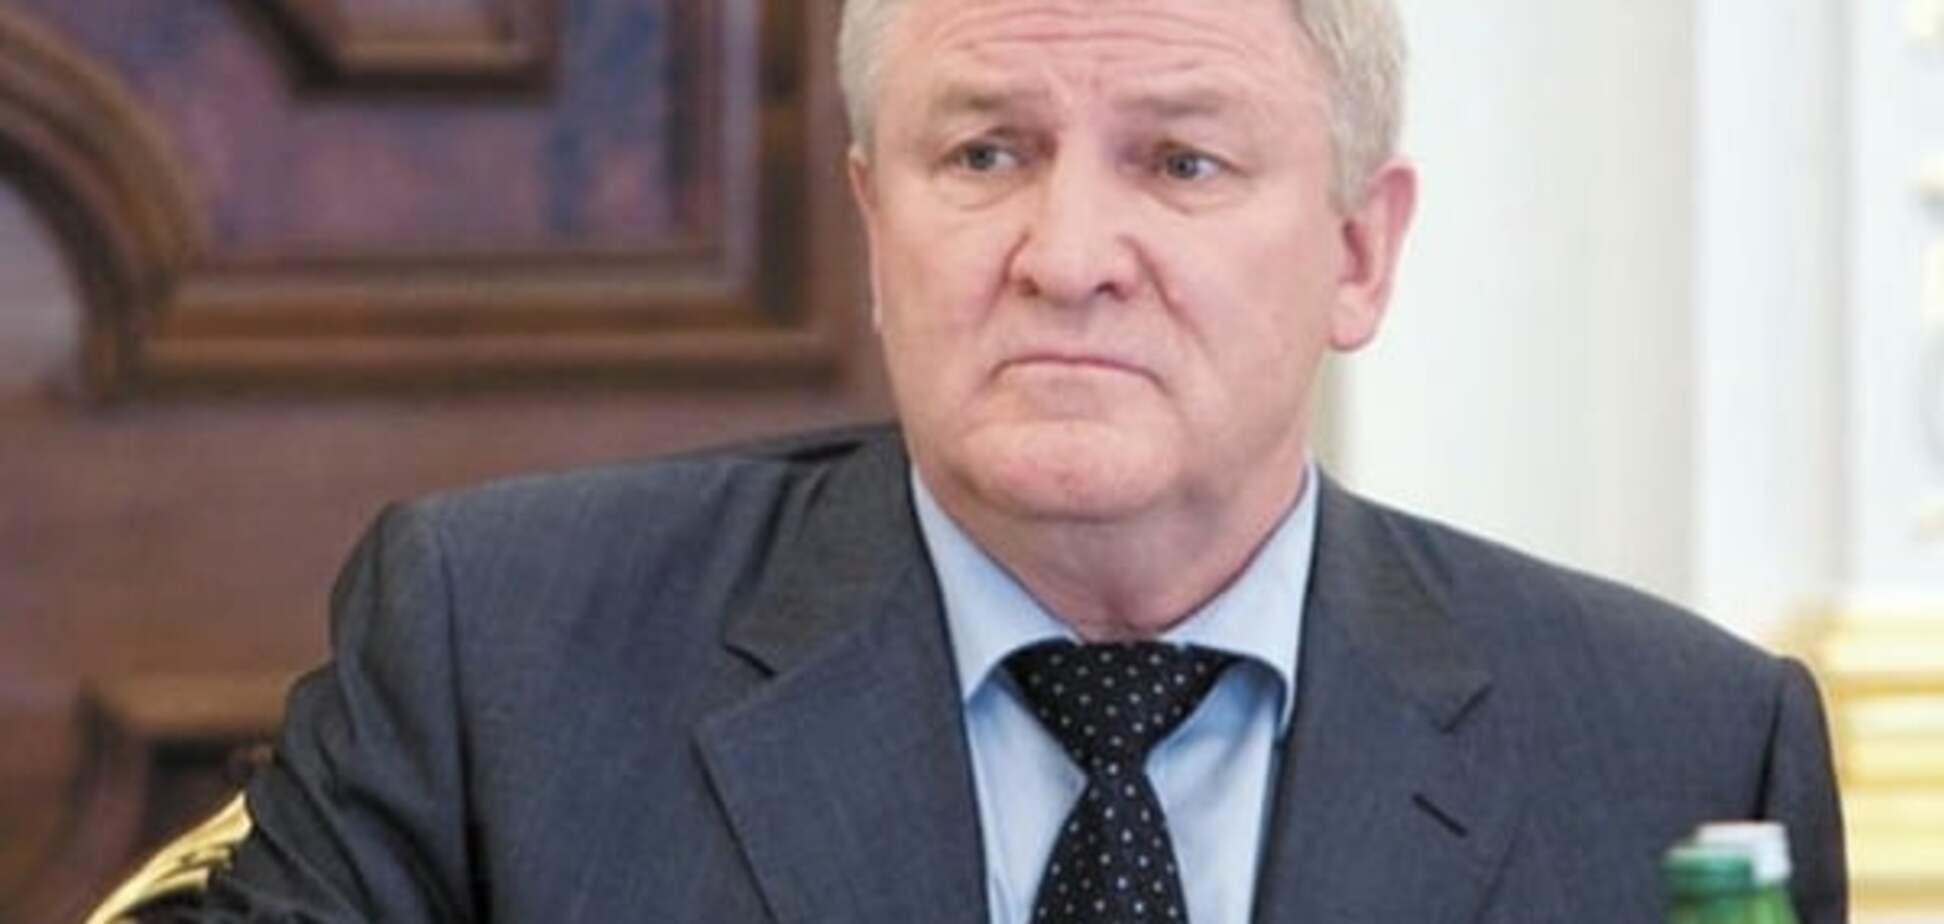 Обида ежелевая: ГПУ запустила процедуру заочного осуждения экс-министра Януковича